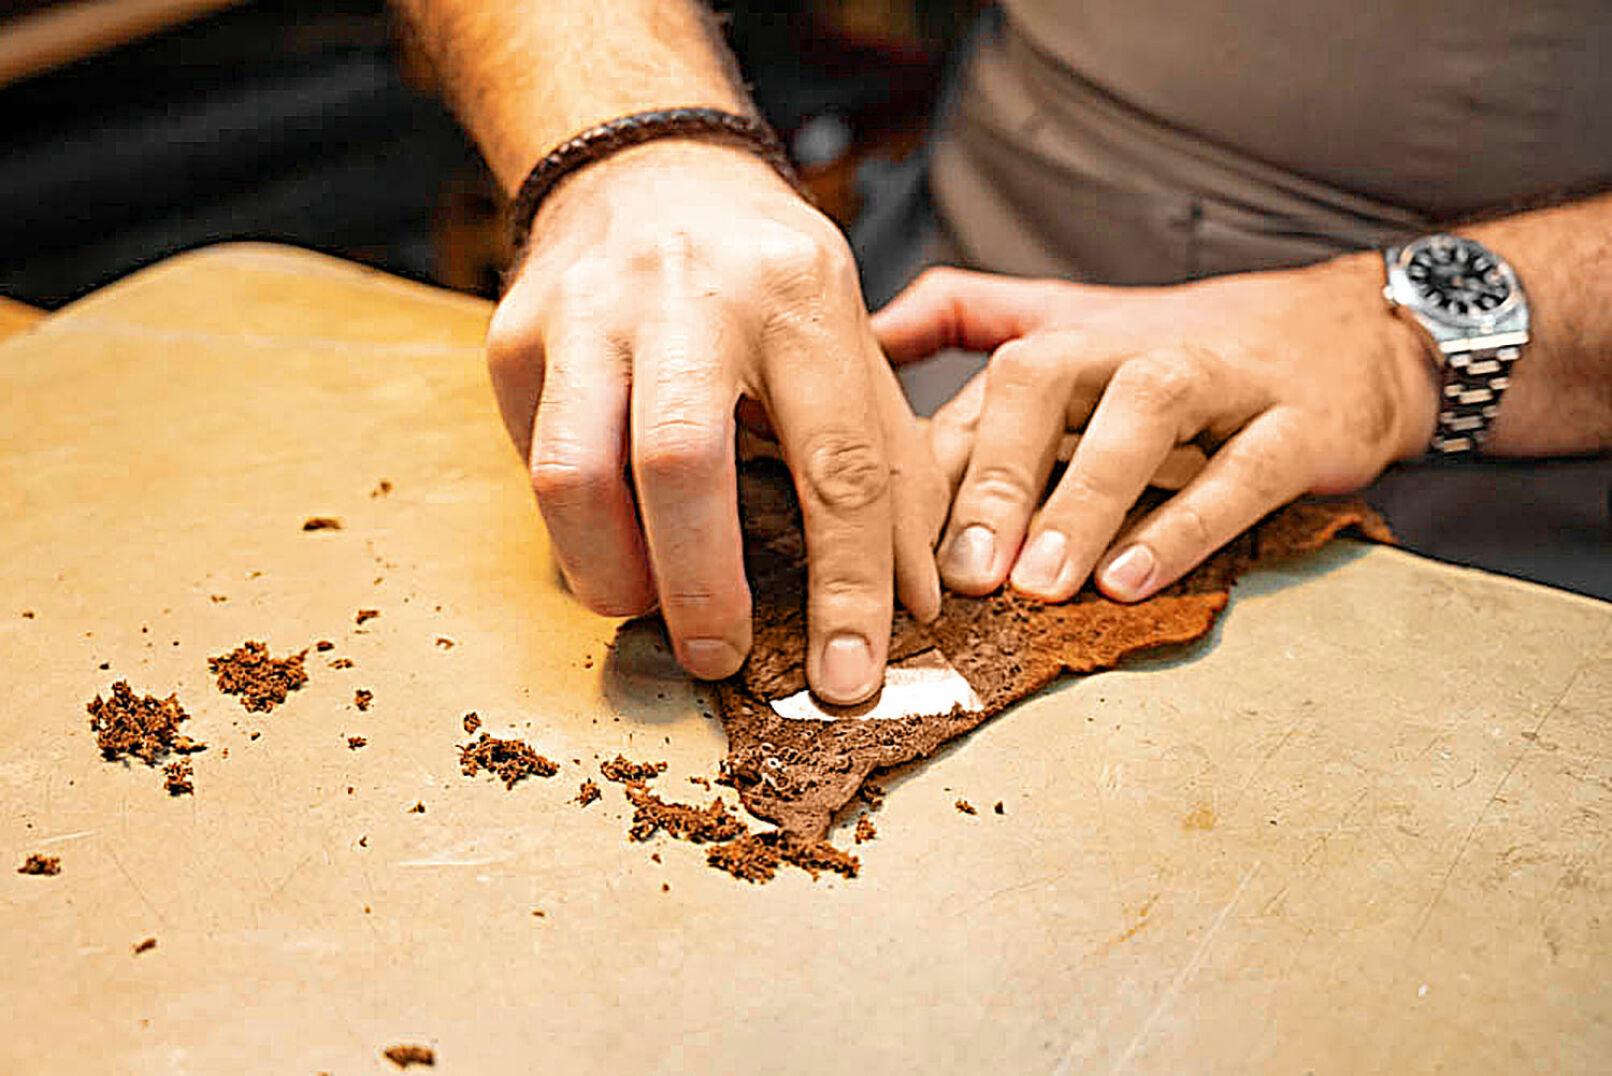 Straußenleder bedarf besonderer Behandlung, wie der Taschner demonstriert. - © Barbara Marko